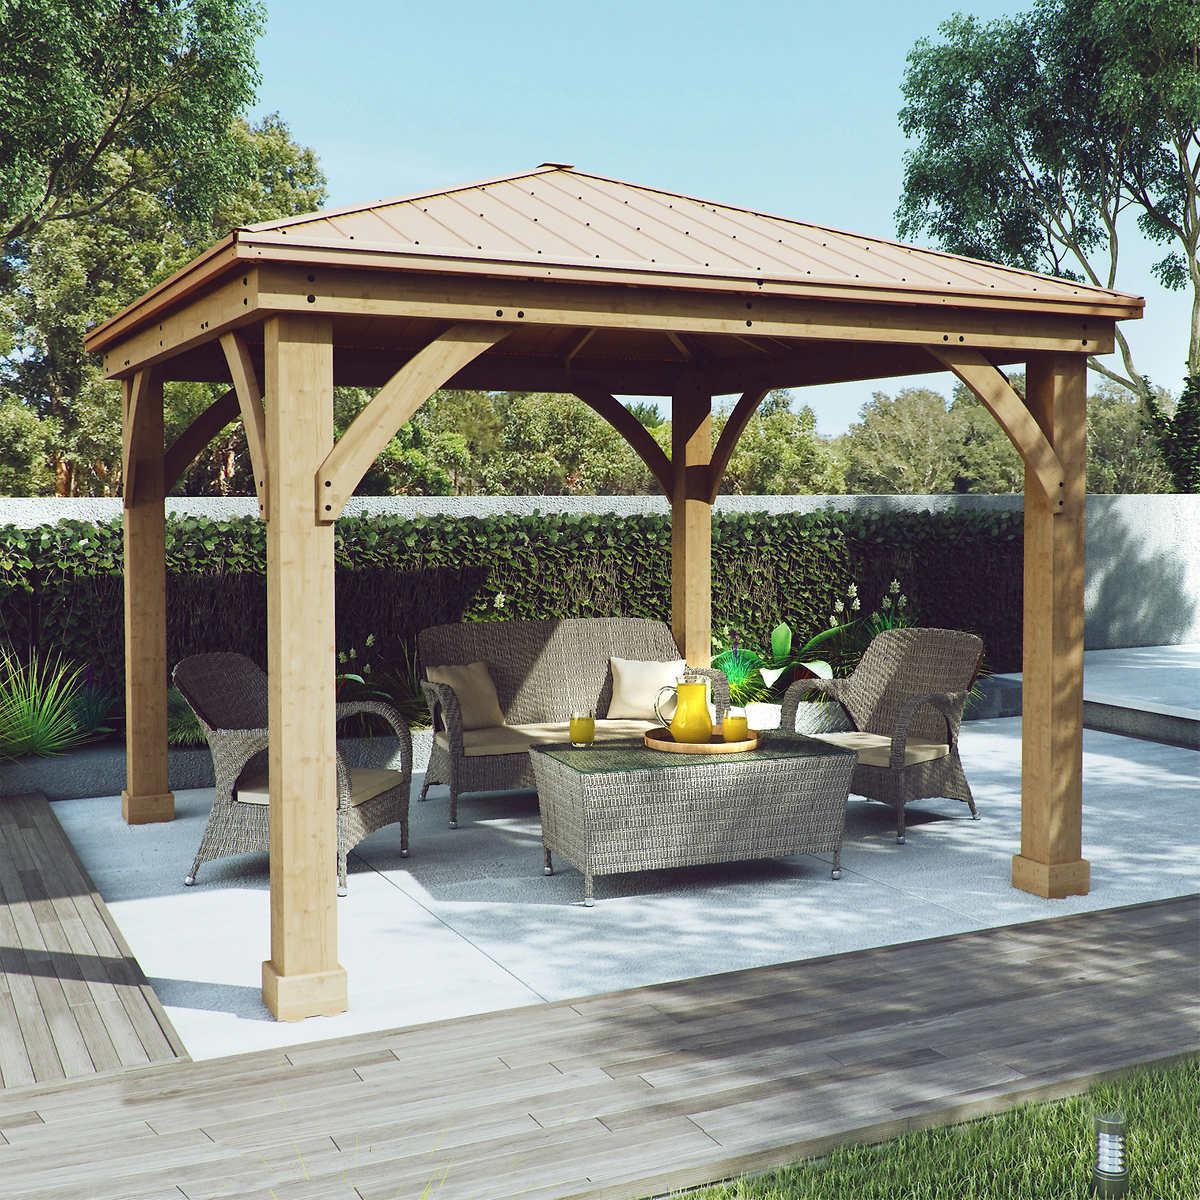 cedar wood 12 u0027 x 12 u0027 gazebo with aluminum roof by yardistry